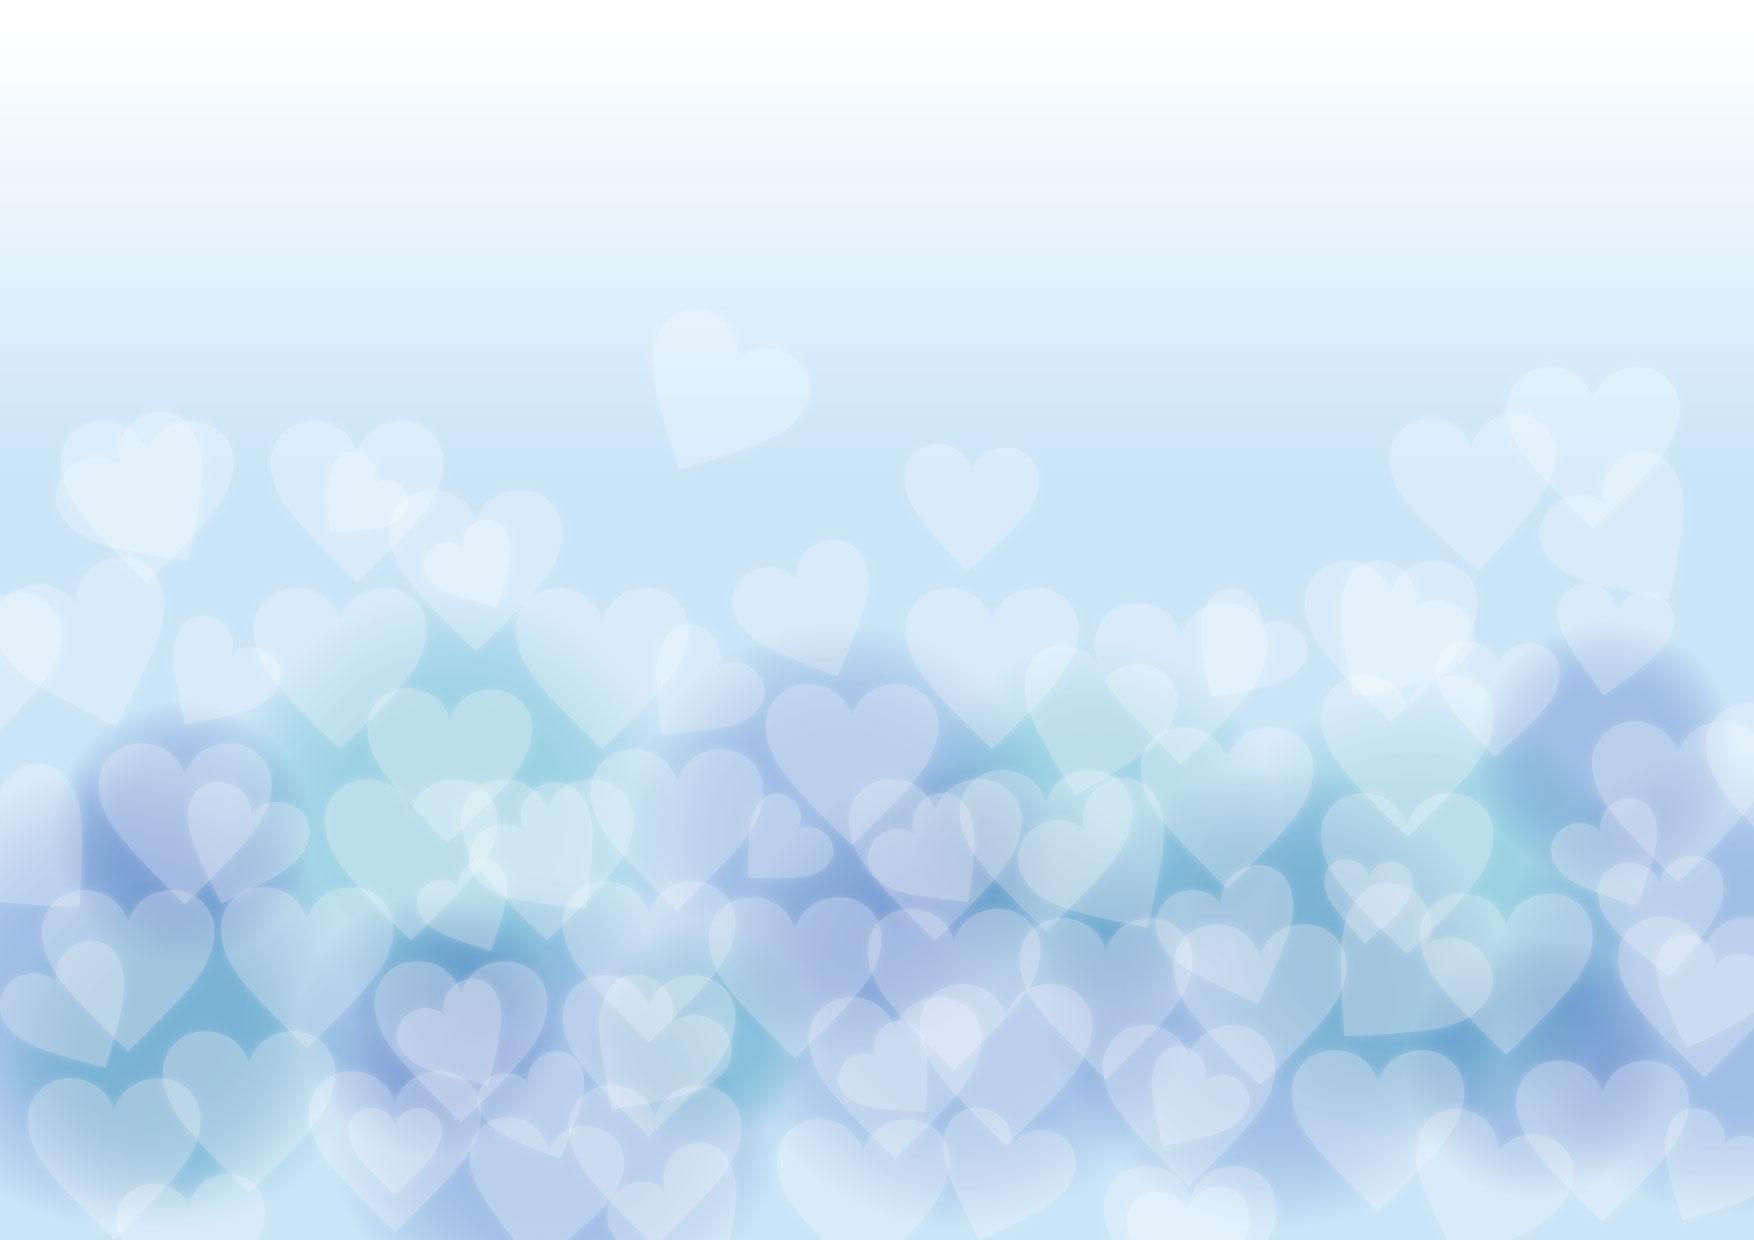 バレンタイン 背景 やわらか ブルー ハート イラスト 無料